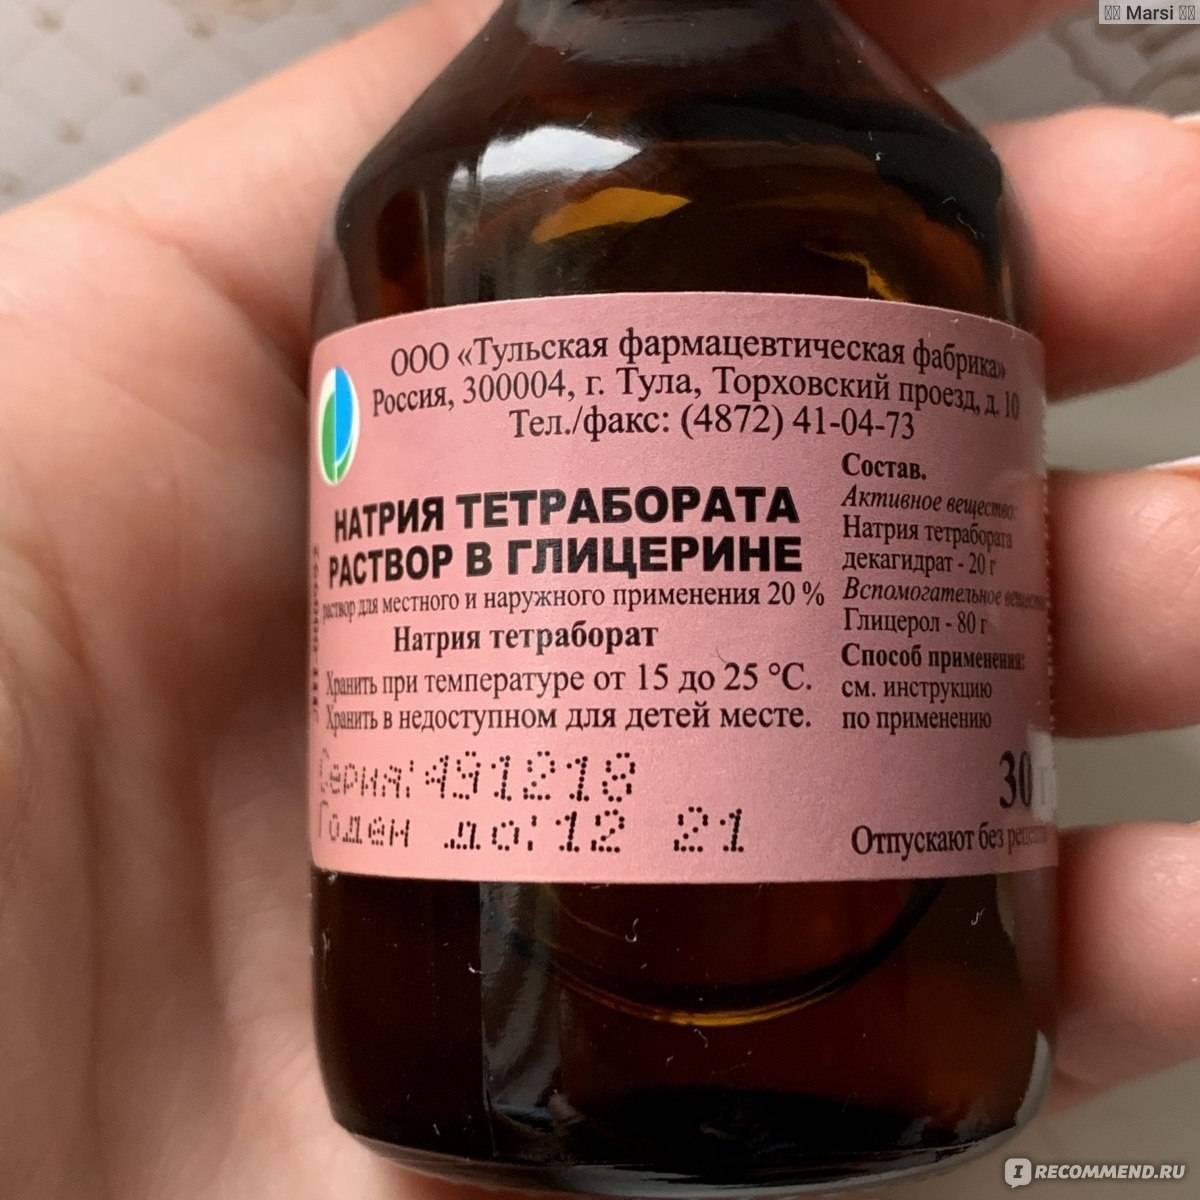 Натрия тетраборат: полная инструкция по применению при стоматите у детей и взрослых